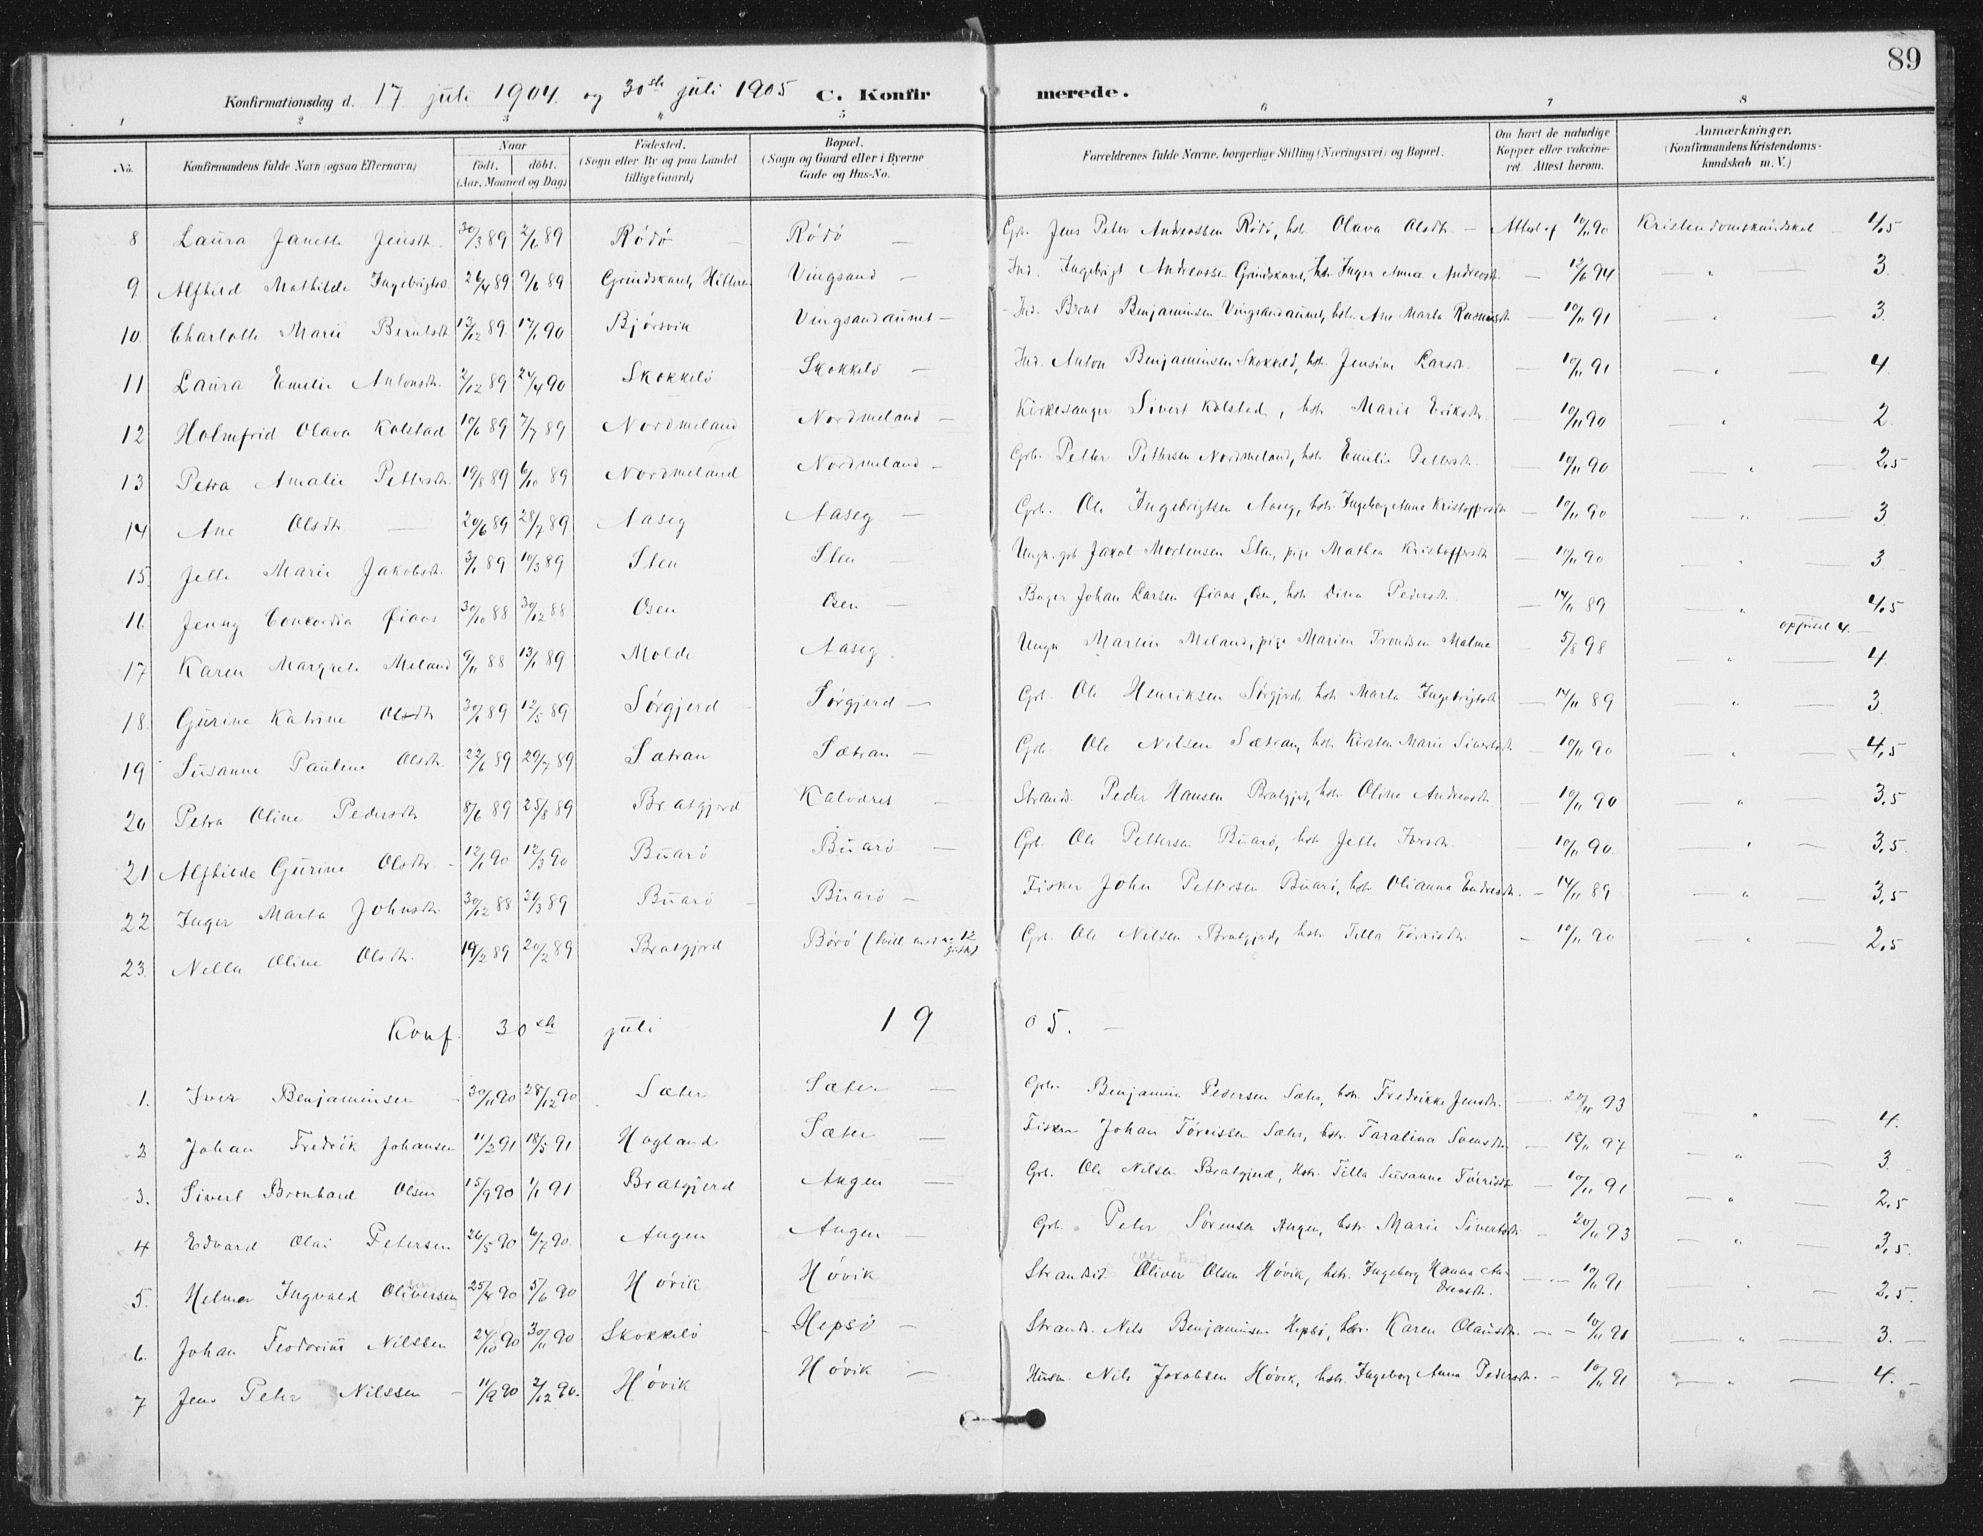 SAT, Ministerialprotokoller, klokkerbøker og fødselsregistre - Sør-Trøndelag, 658/L0723: Ministerialbok nr. 658A02, 1897-1912, s. 89